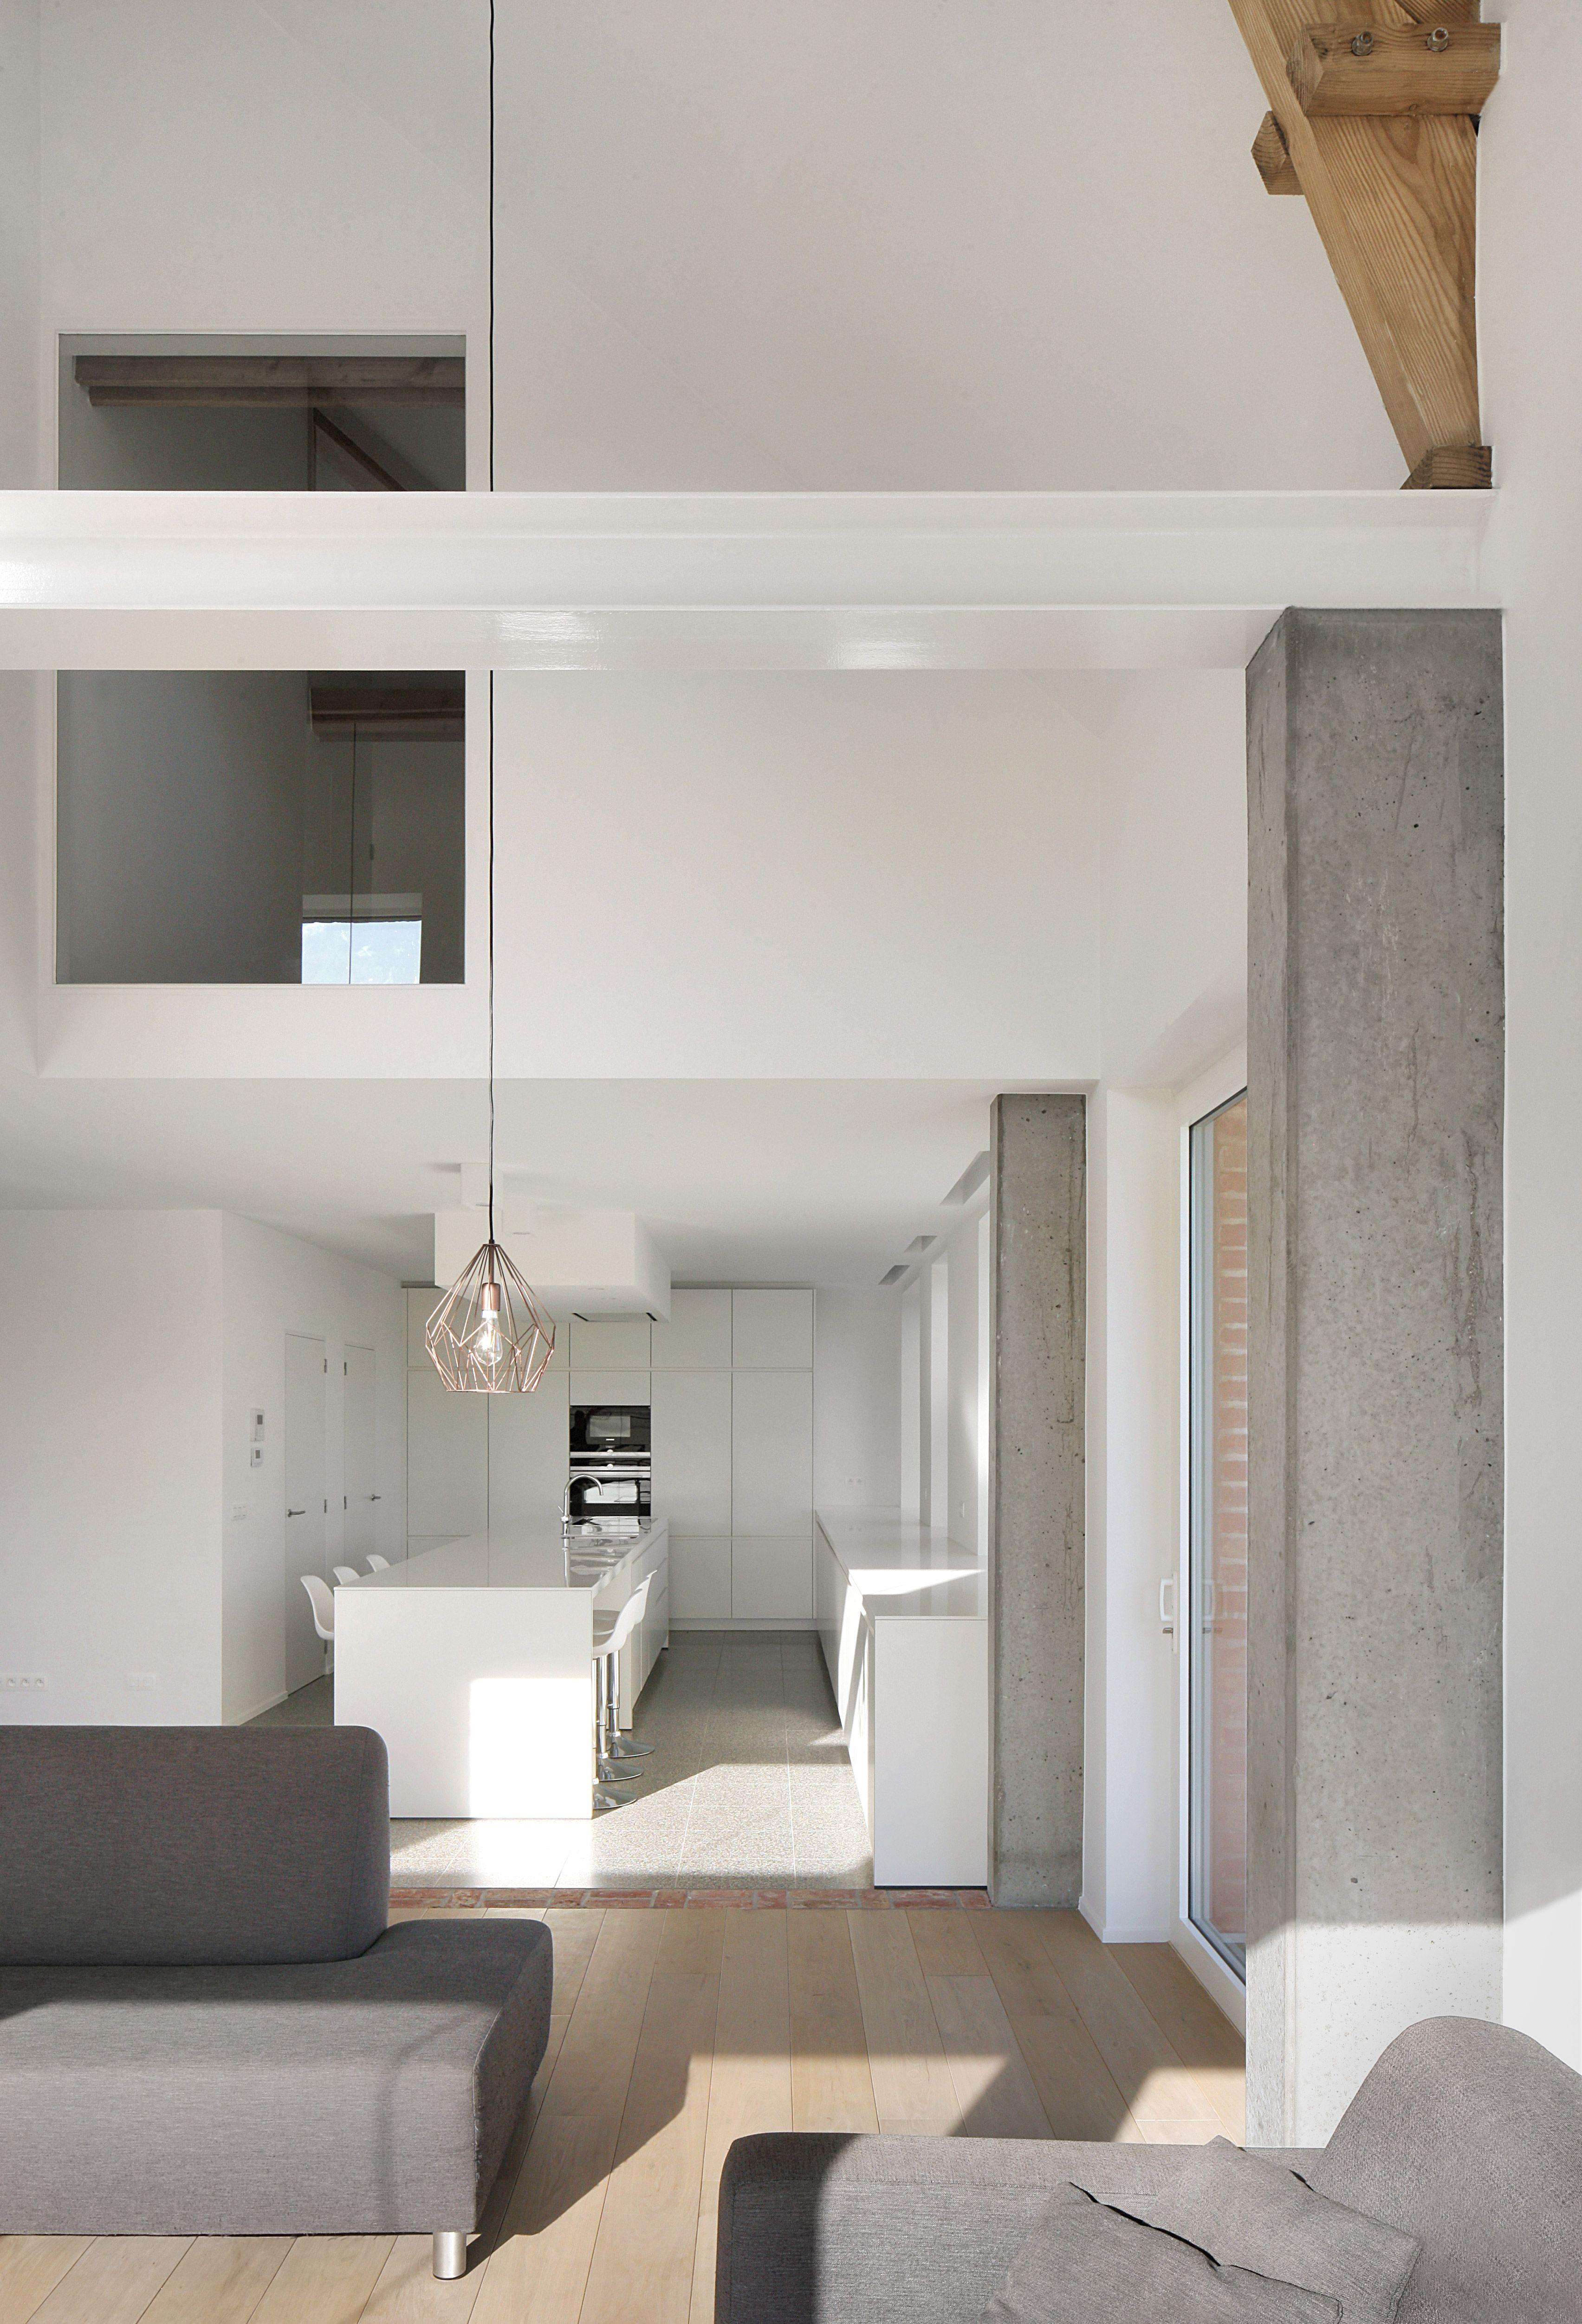 Modernes Bauernhaus Innenbeleuchtung Architektur Innenarchitektur Belgien Toms Häuser Internationaler Stil Lesezeichen Farbschemata